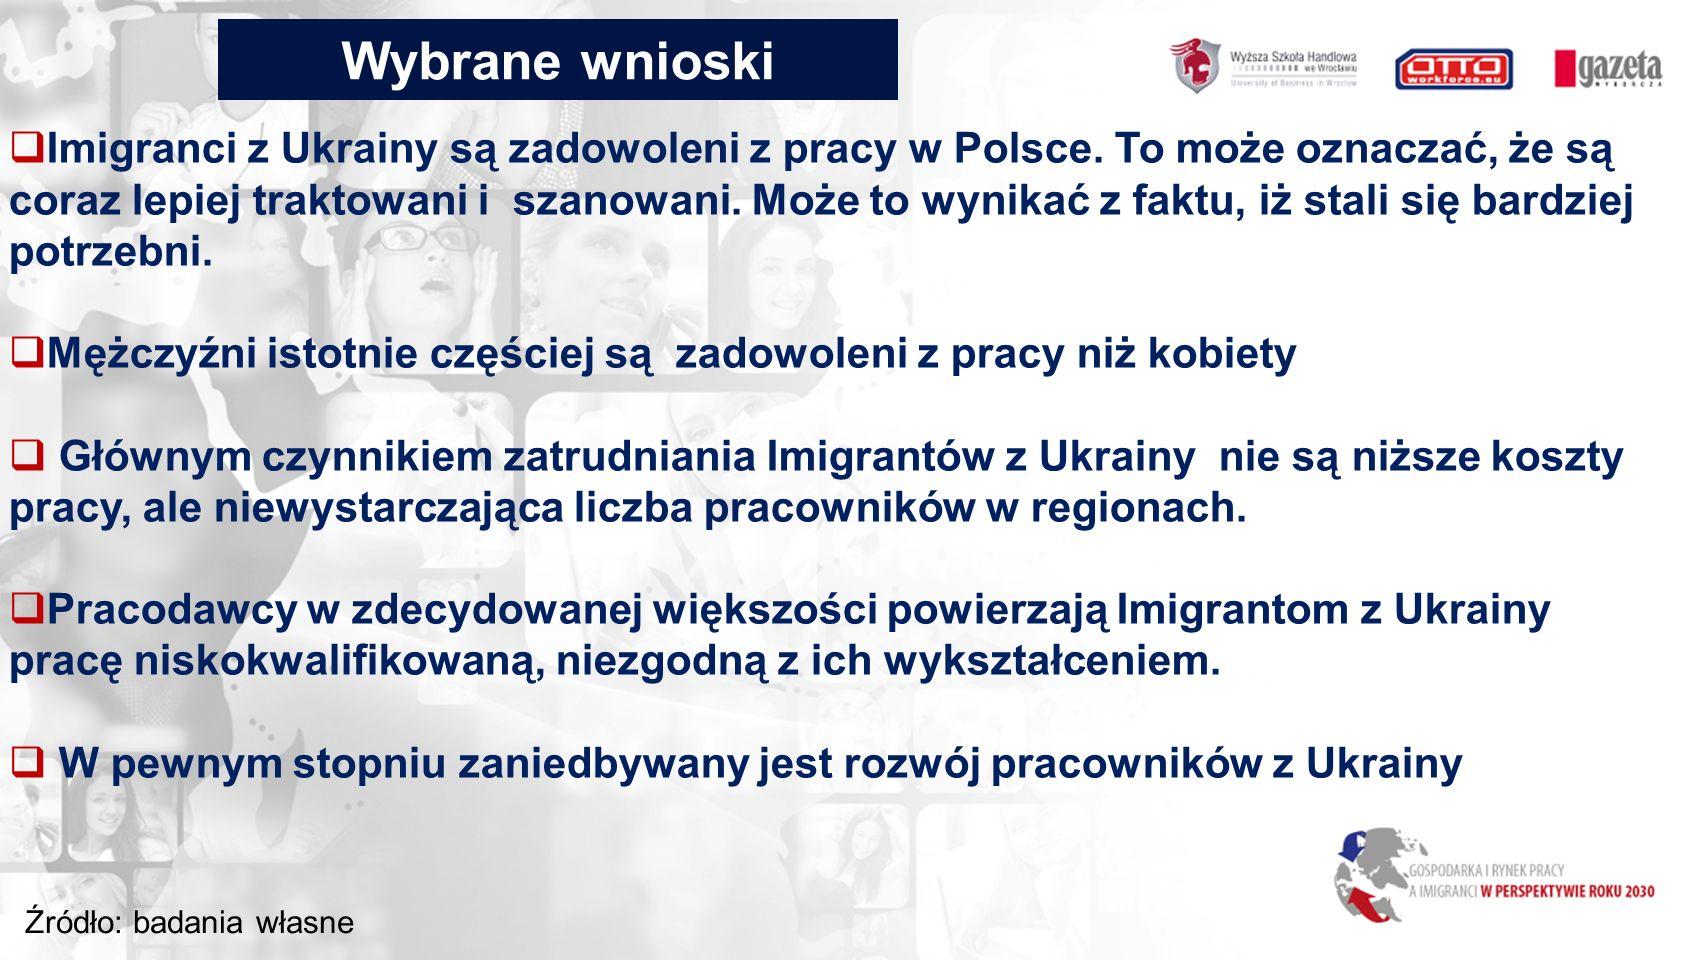 Wybrane wnioski Źródło: badania własne  Imigranci z Ukrainy są zadowoleni z pracy w Polsce.